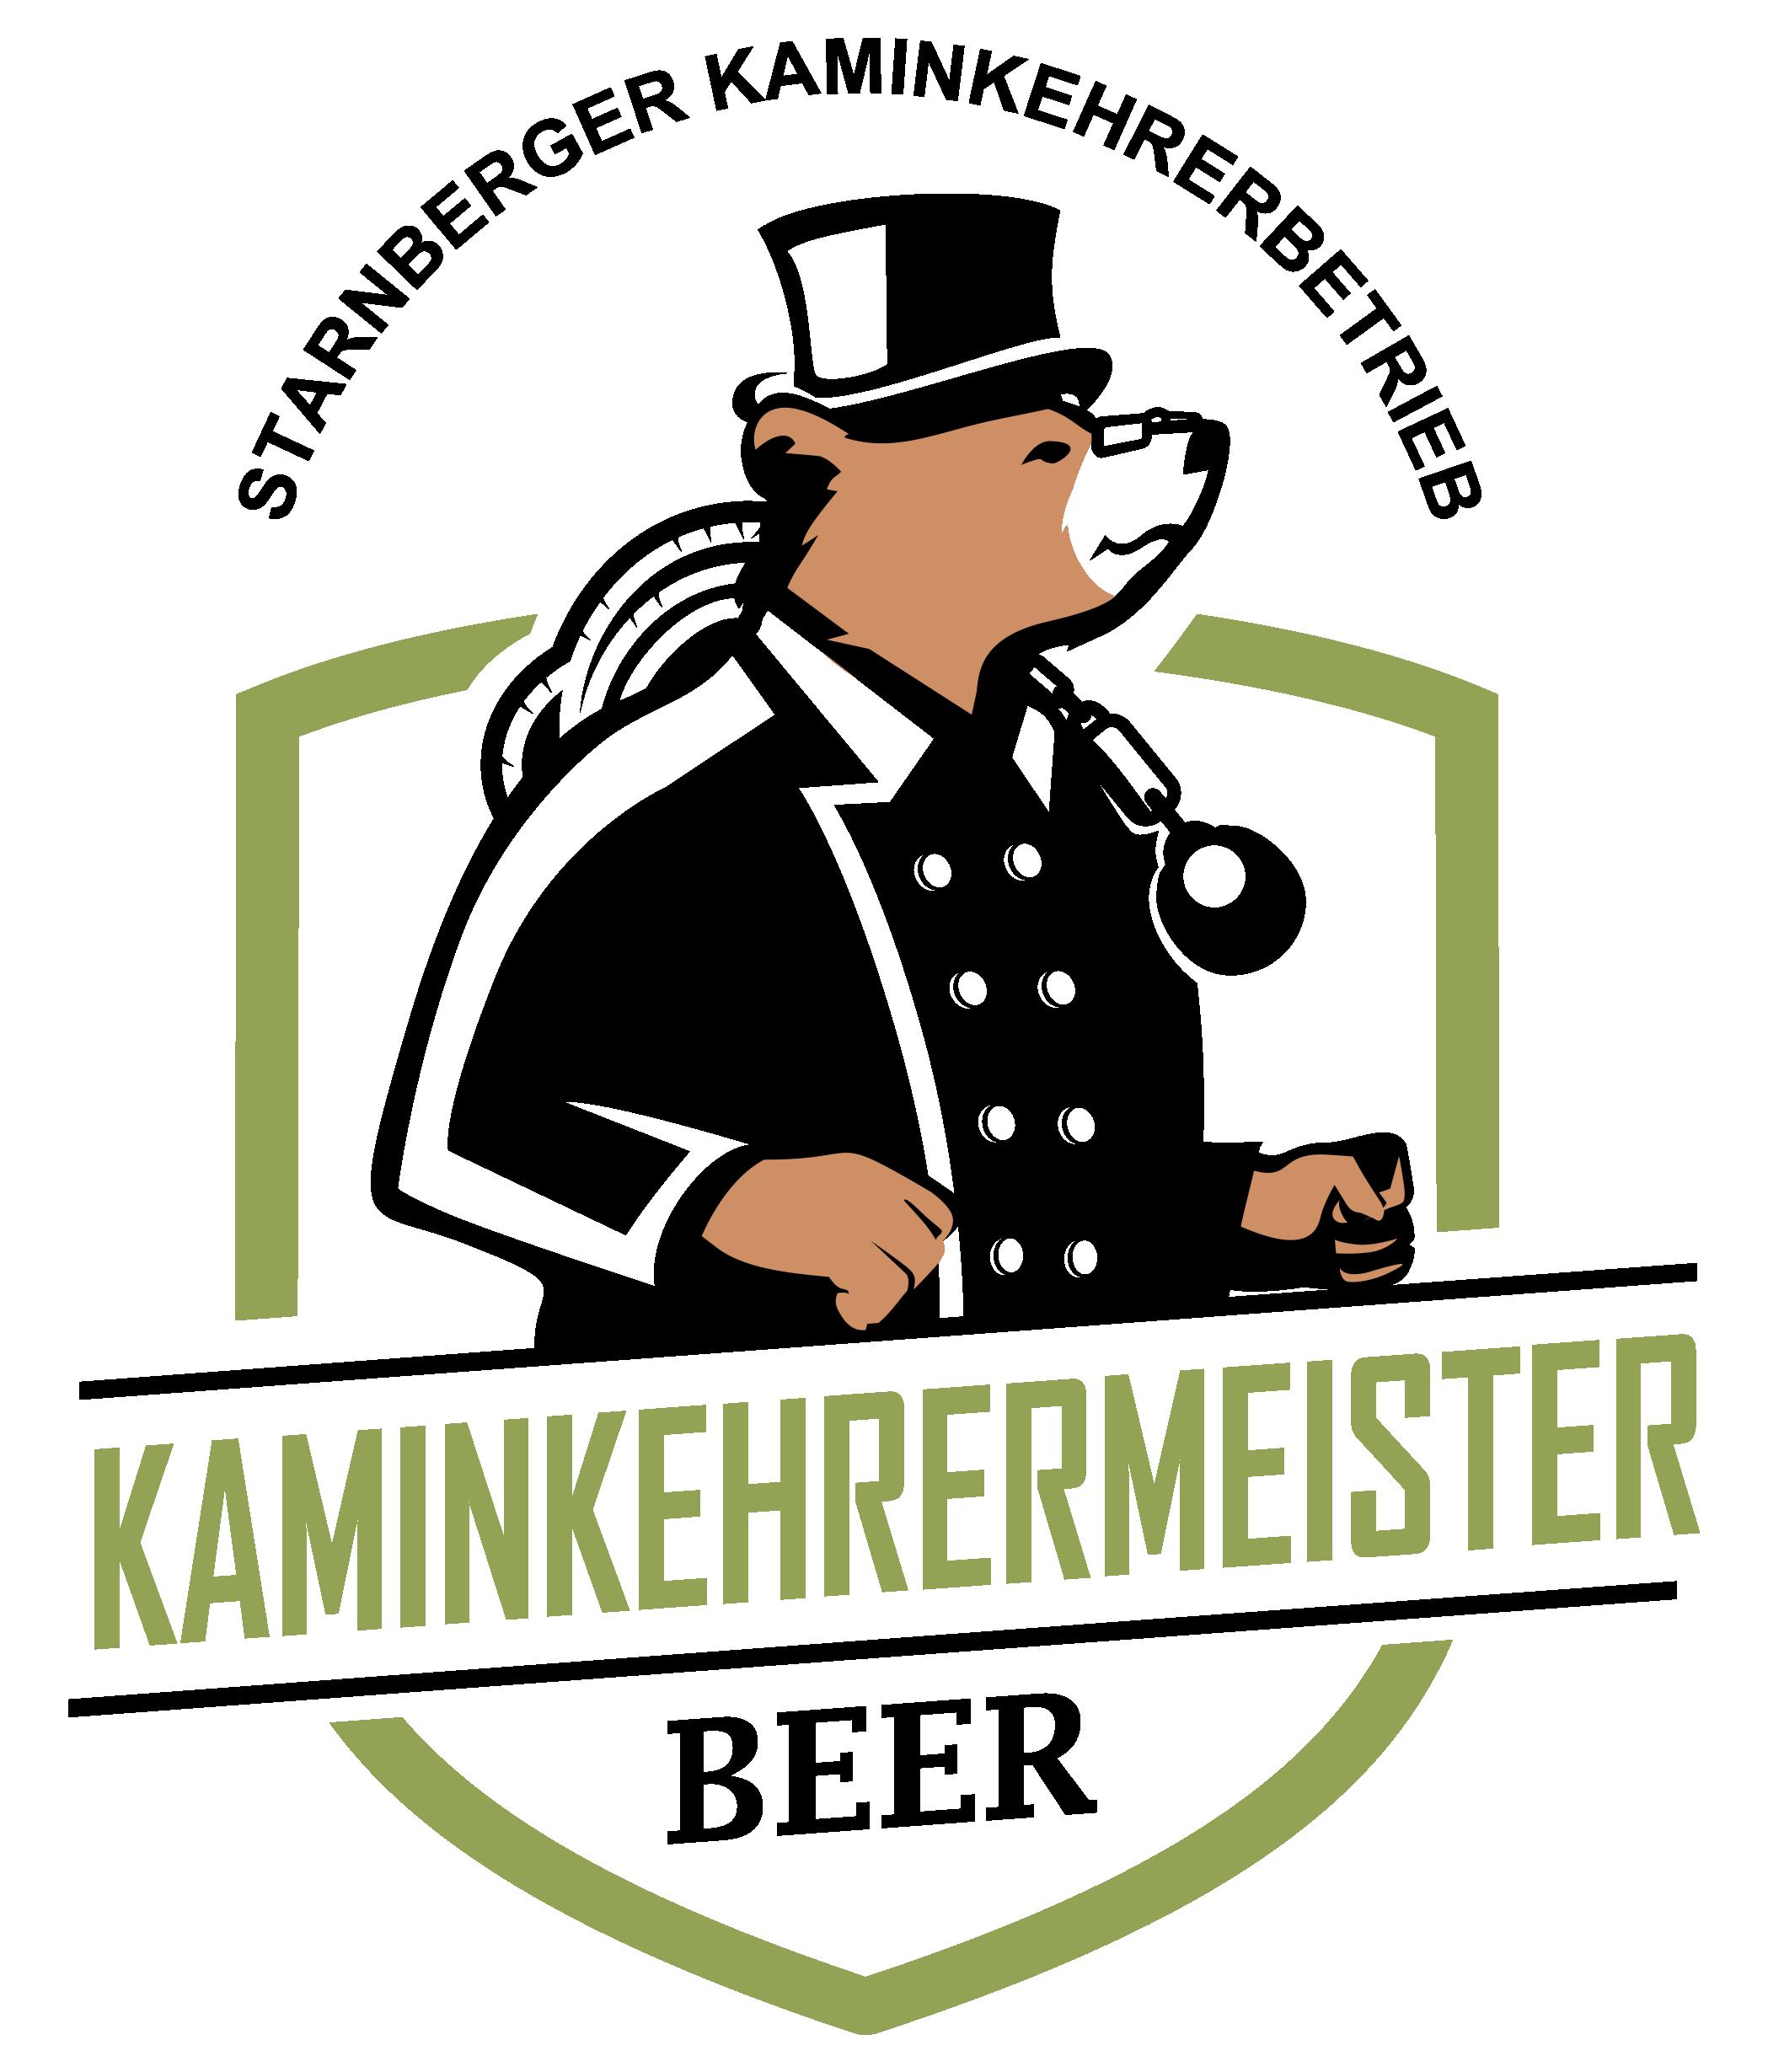 Kaminkehrerbetrieb benötigt ein Traditionell-modernes Logo